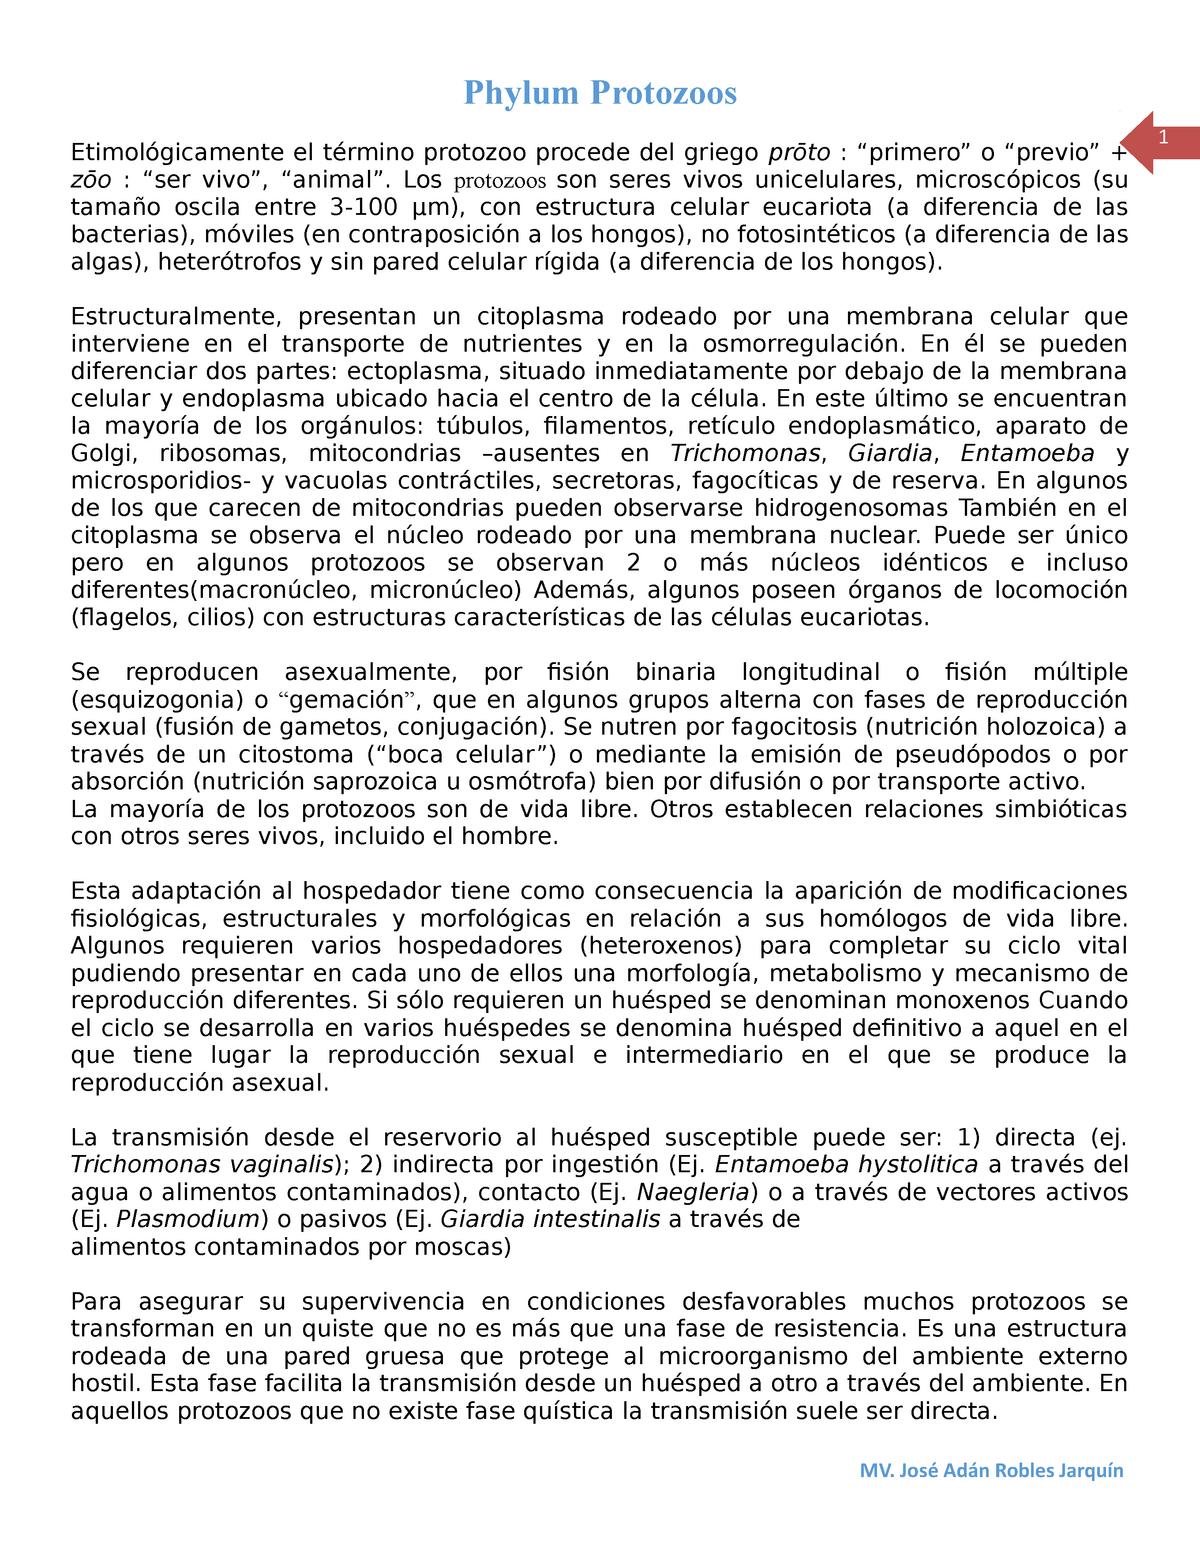 Protozoos Zoologia El Presente Documento Presenta